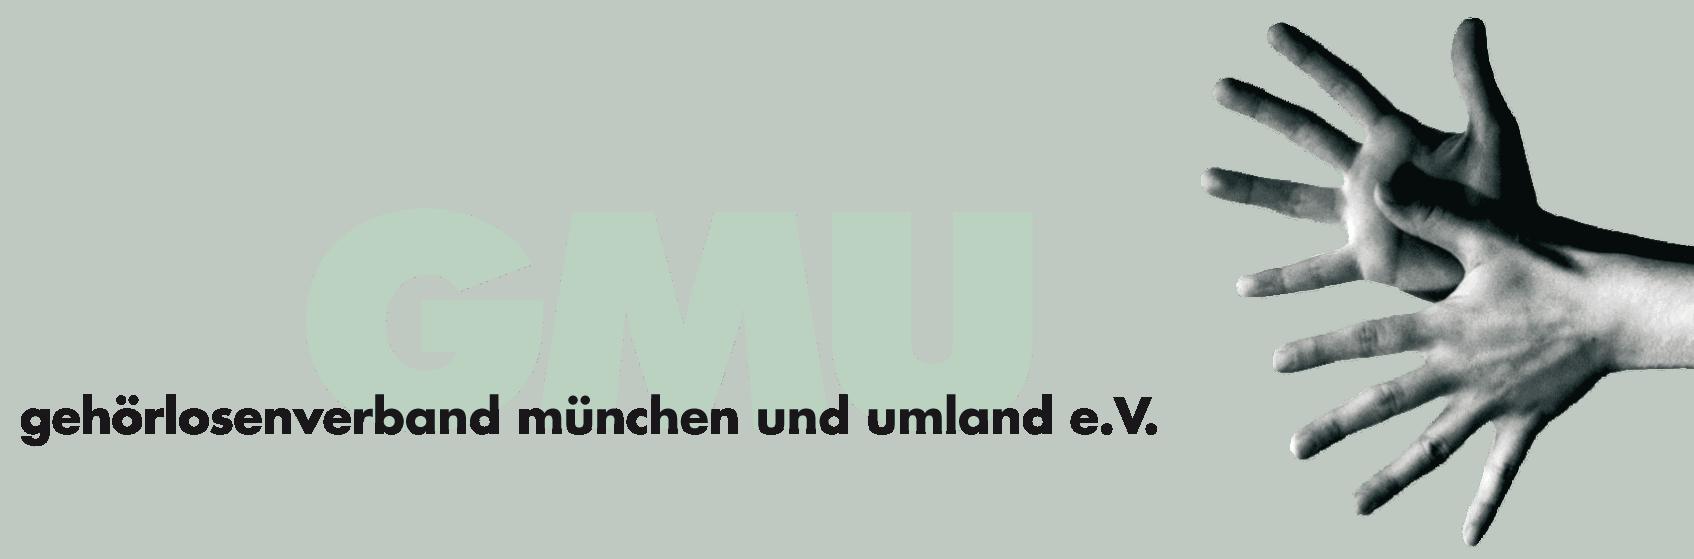 DeafIT Förderer GMU - Gehörlosenverband München und Umland e.V.